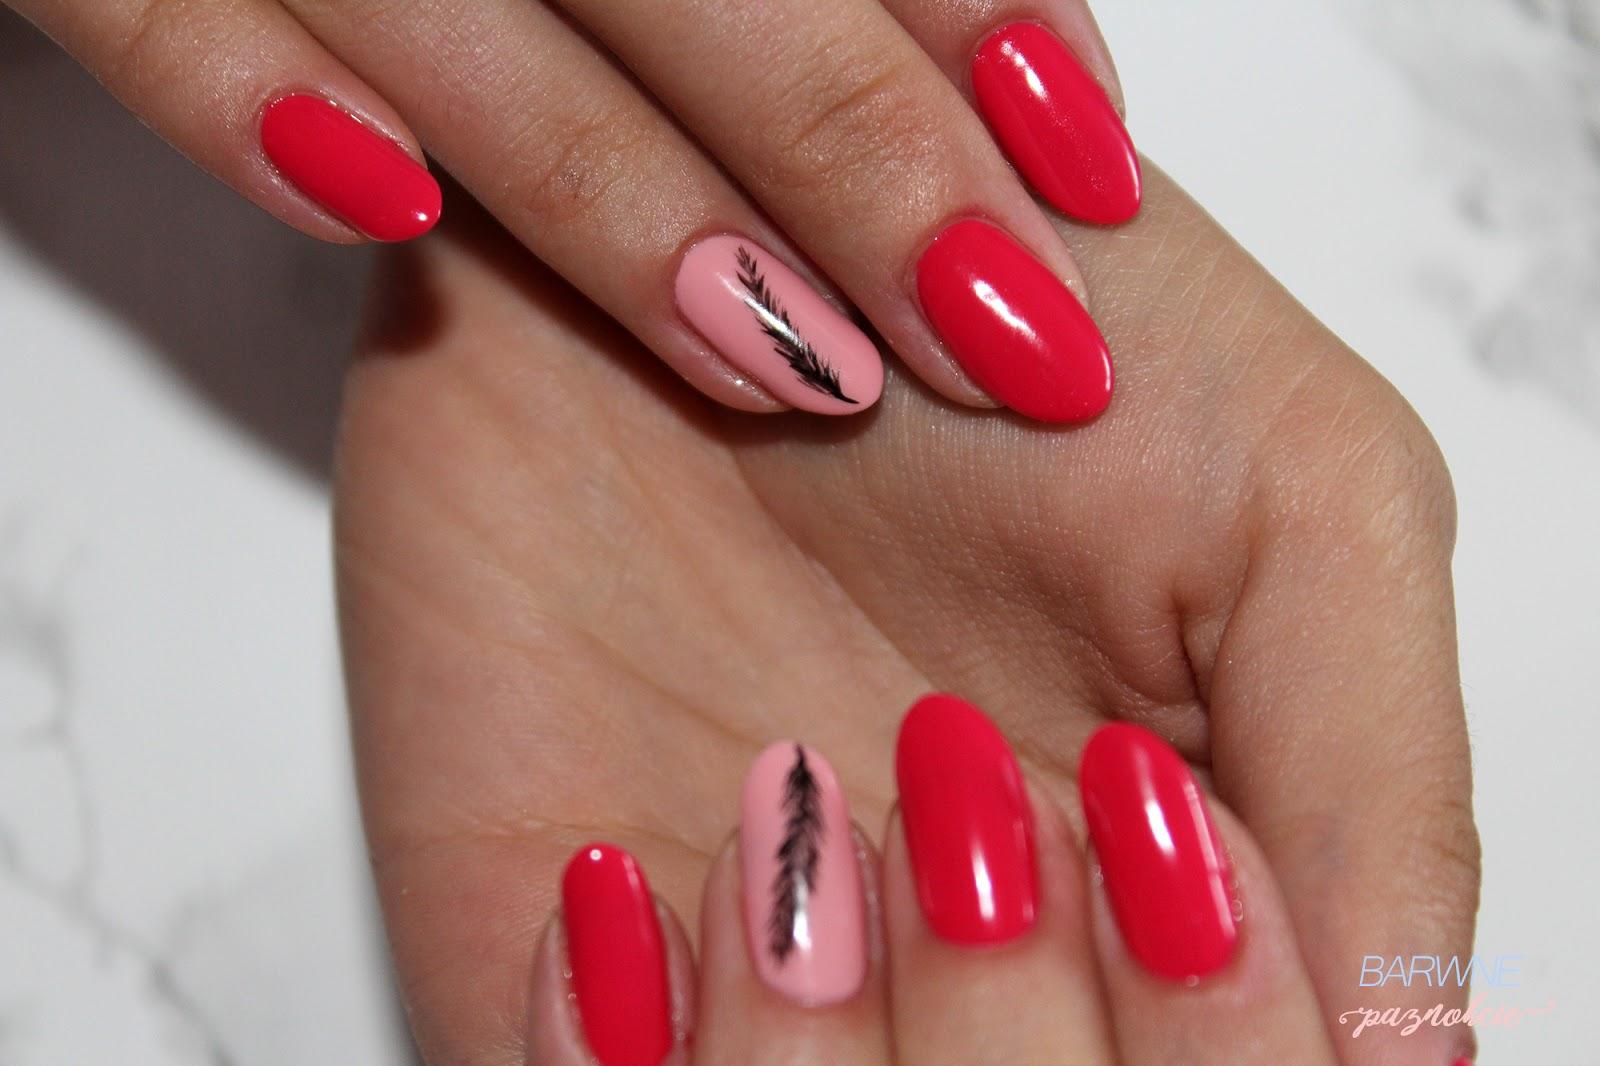 barwne paznokcie CZERWIEŃ - KRÓLOWA JESIENI - 510 RICH DOLL, 509 Happily Ever After by Stylizacje Semilac